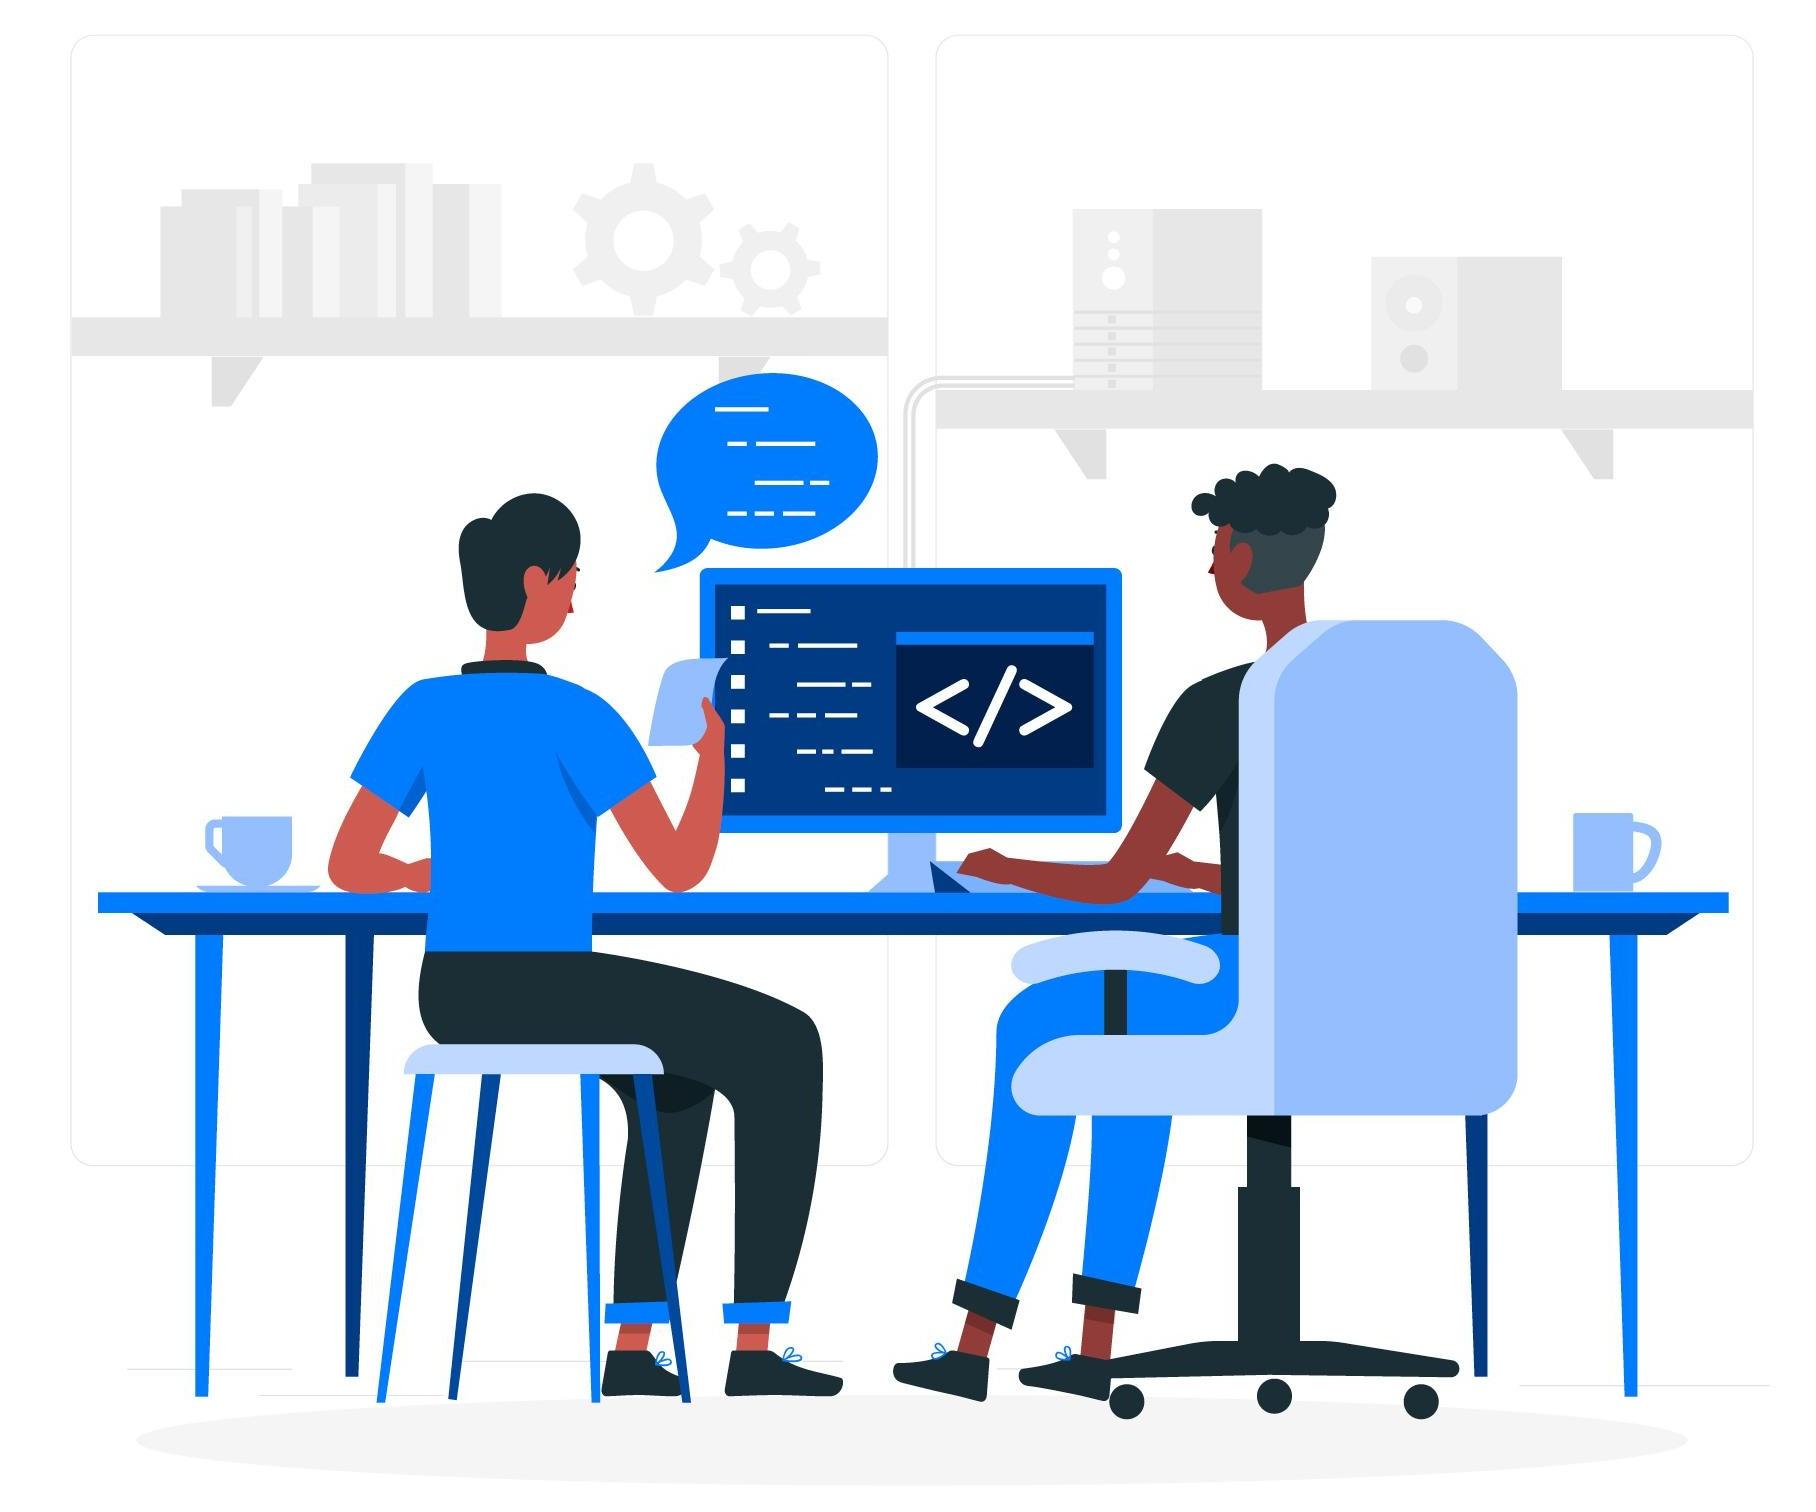 Elementos essenciais  criação de sites para gerar clientes